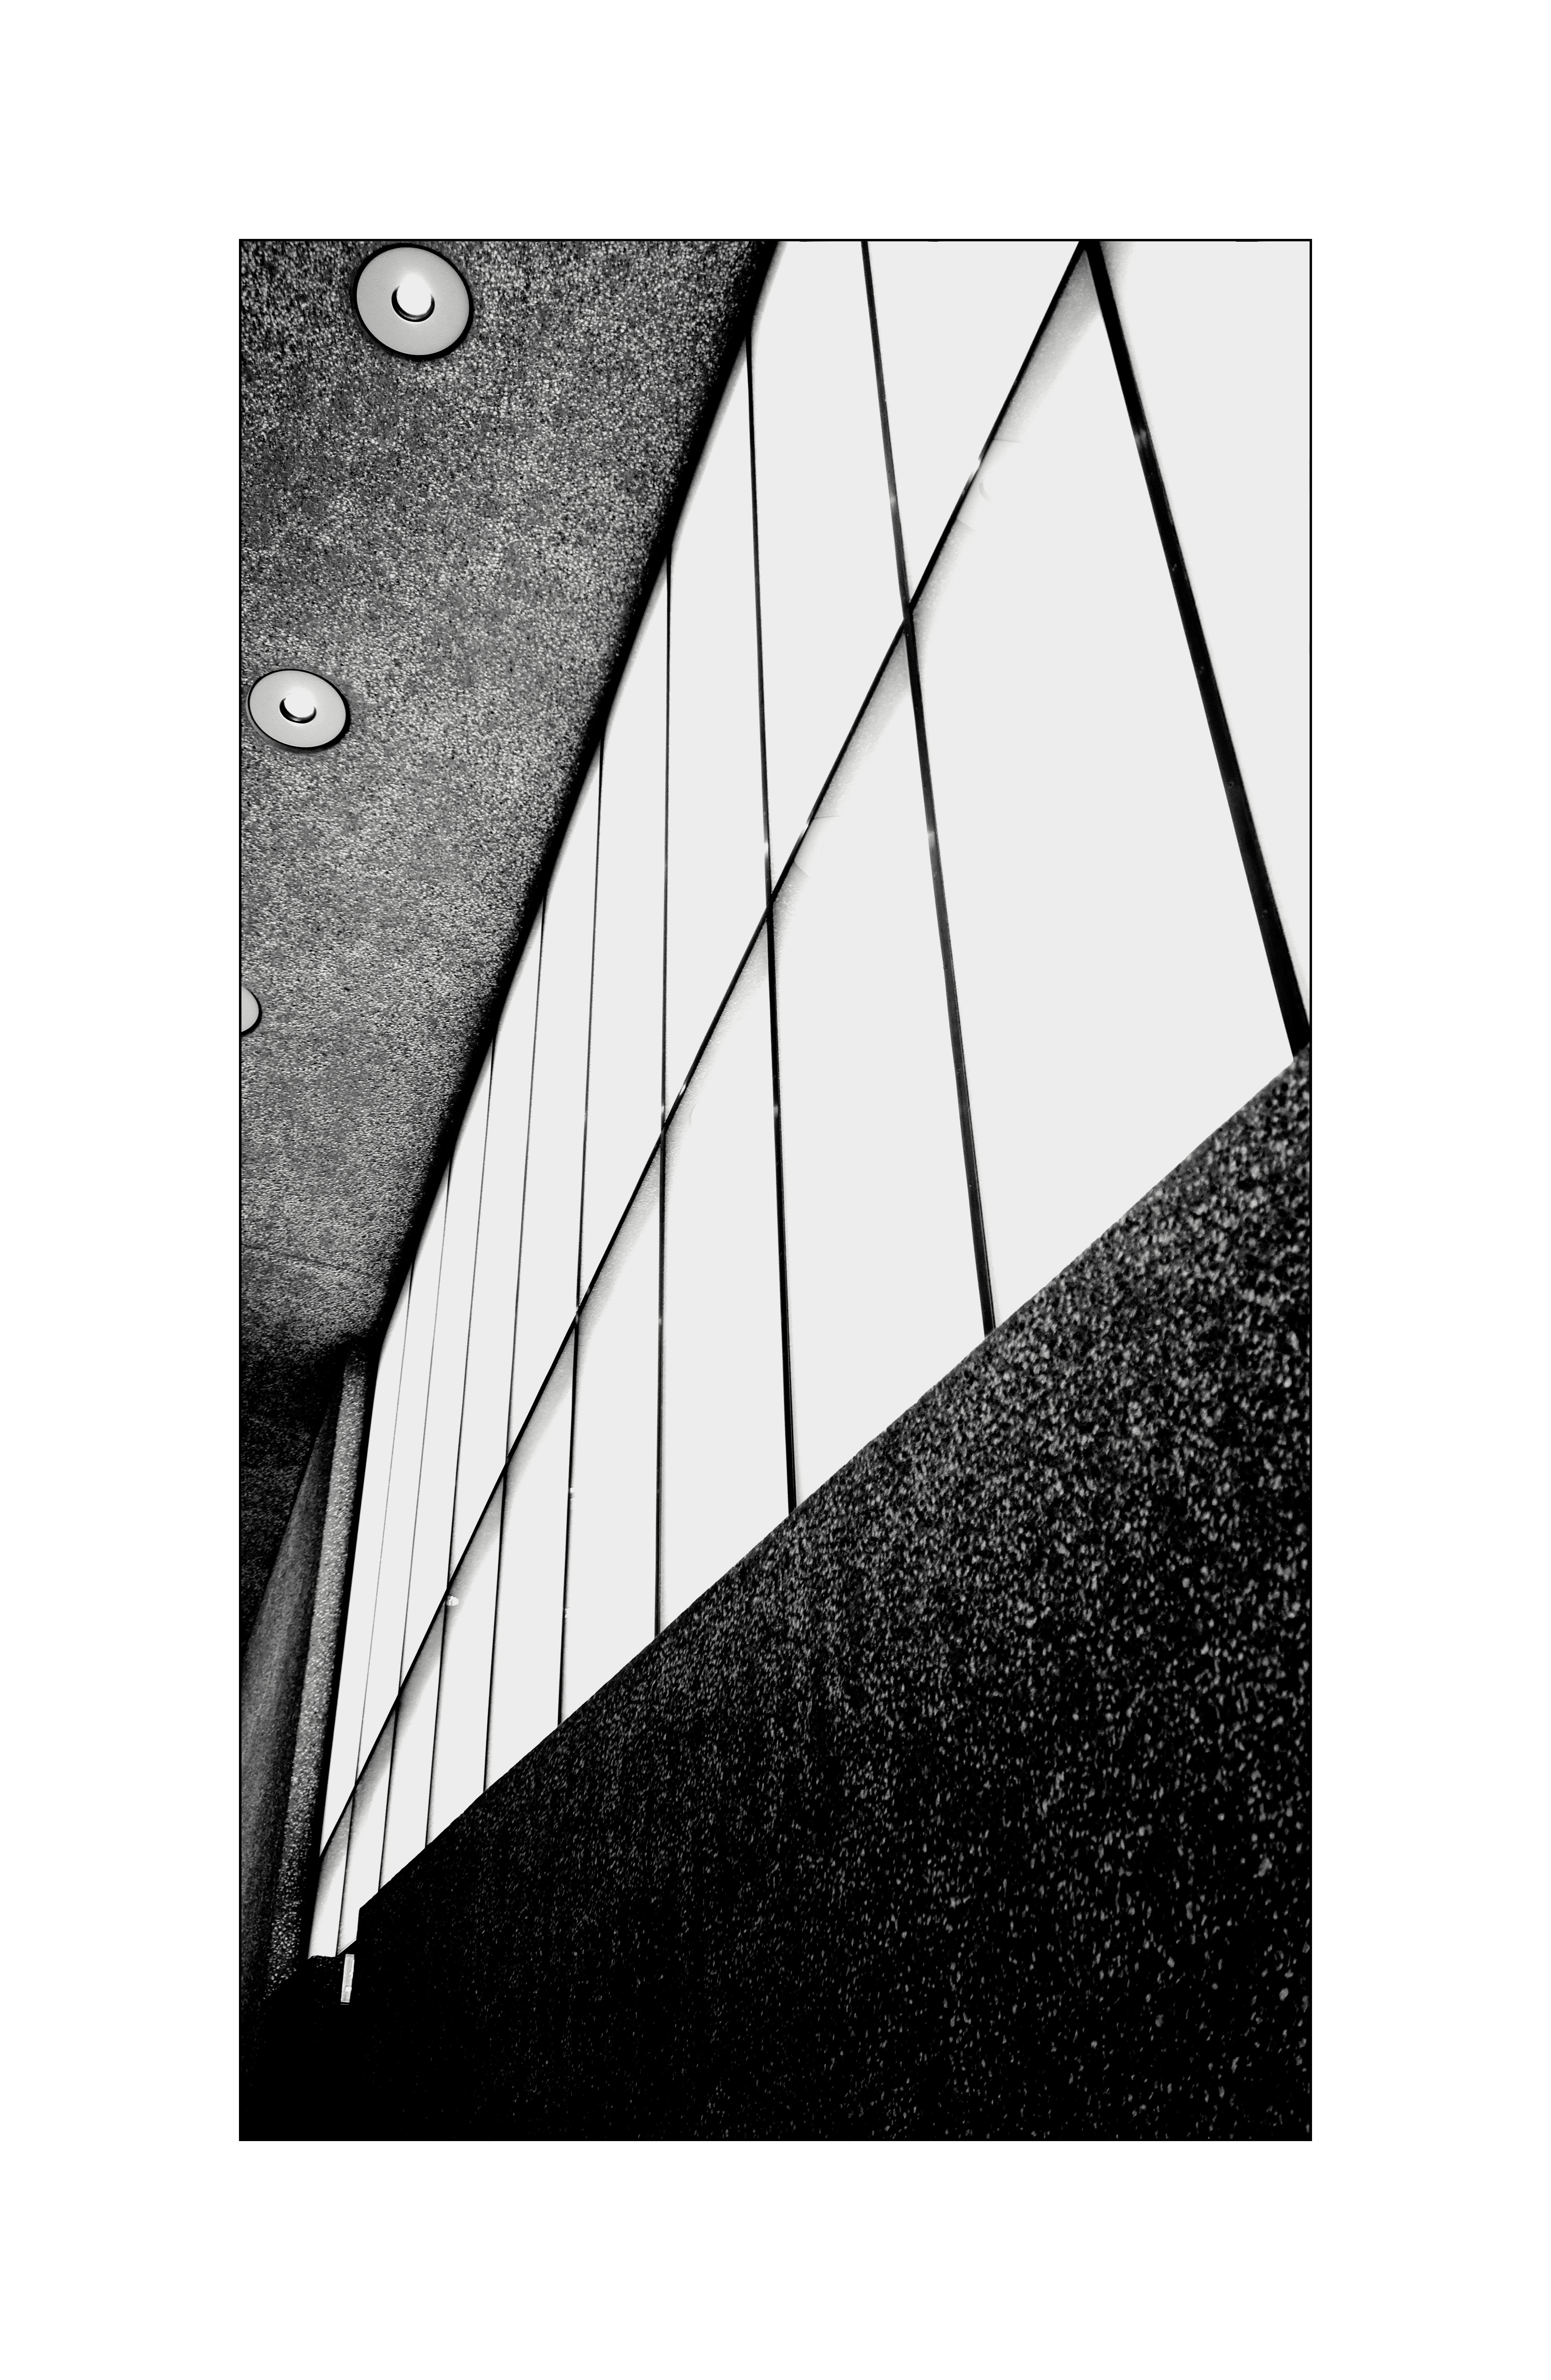 777 LUXEMBURGO